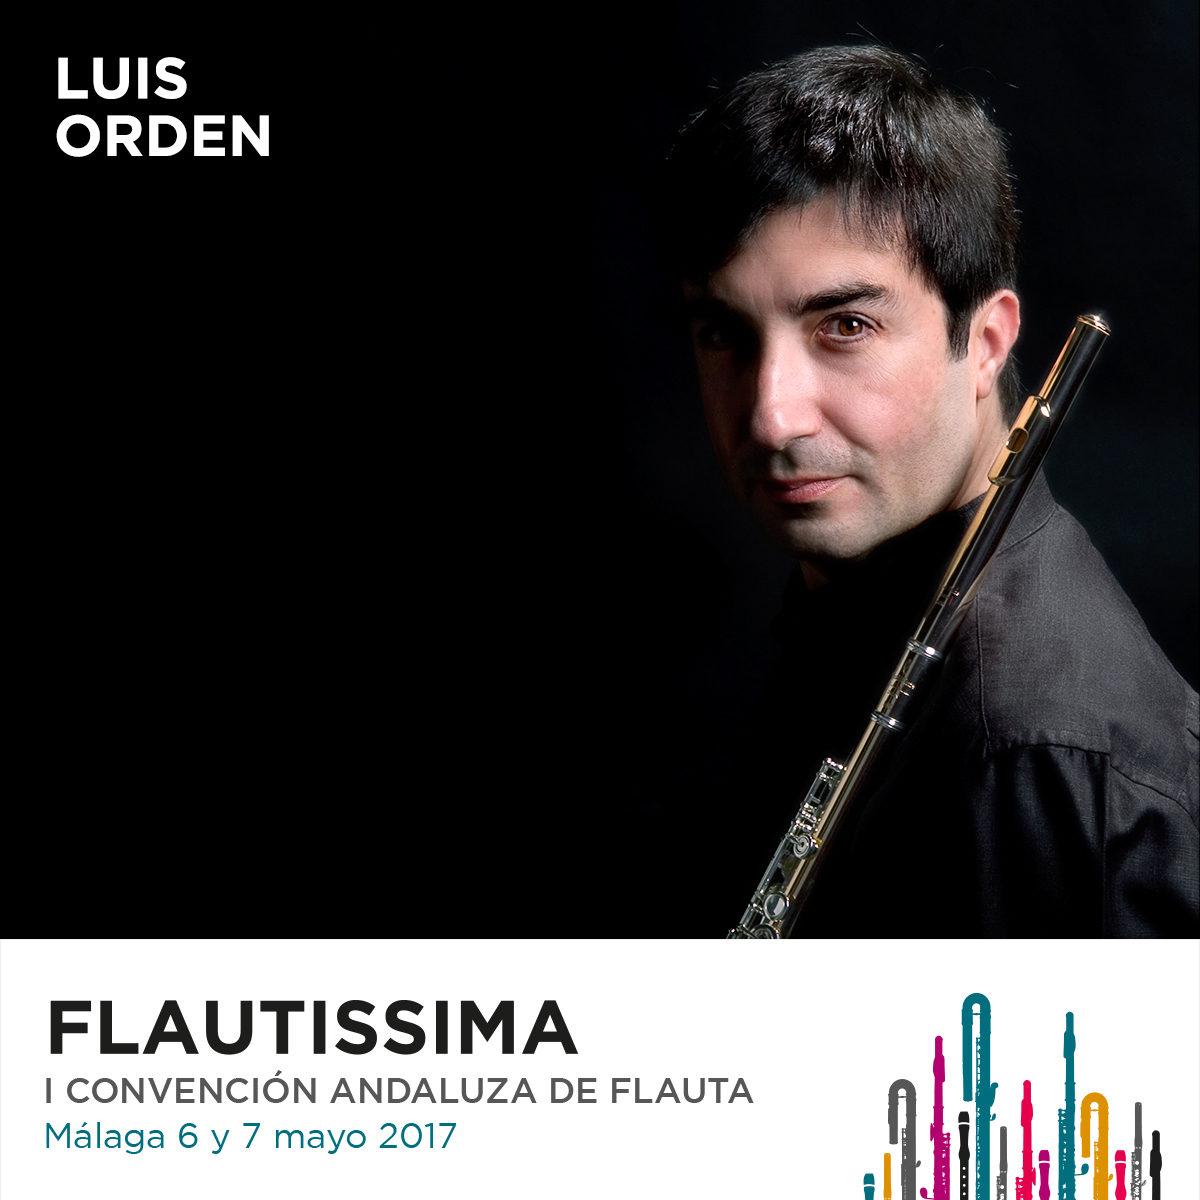 Luis Orden Flautissima